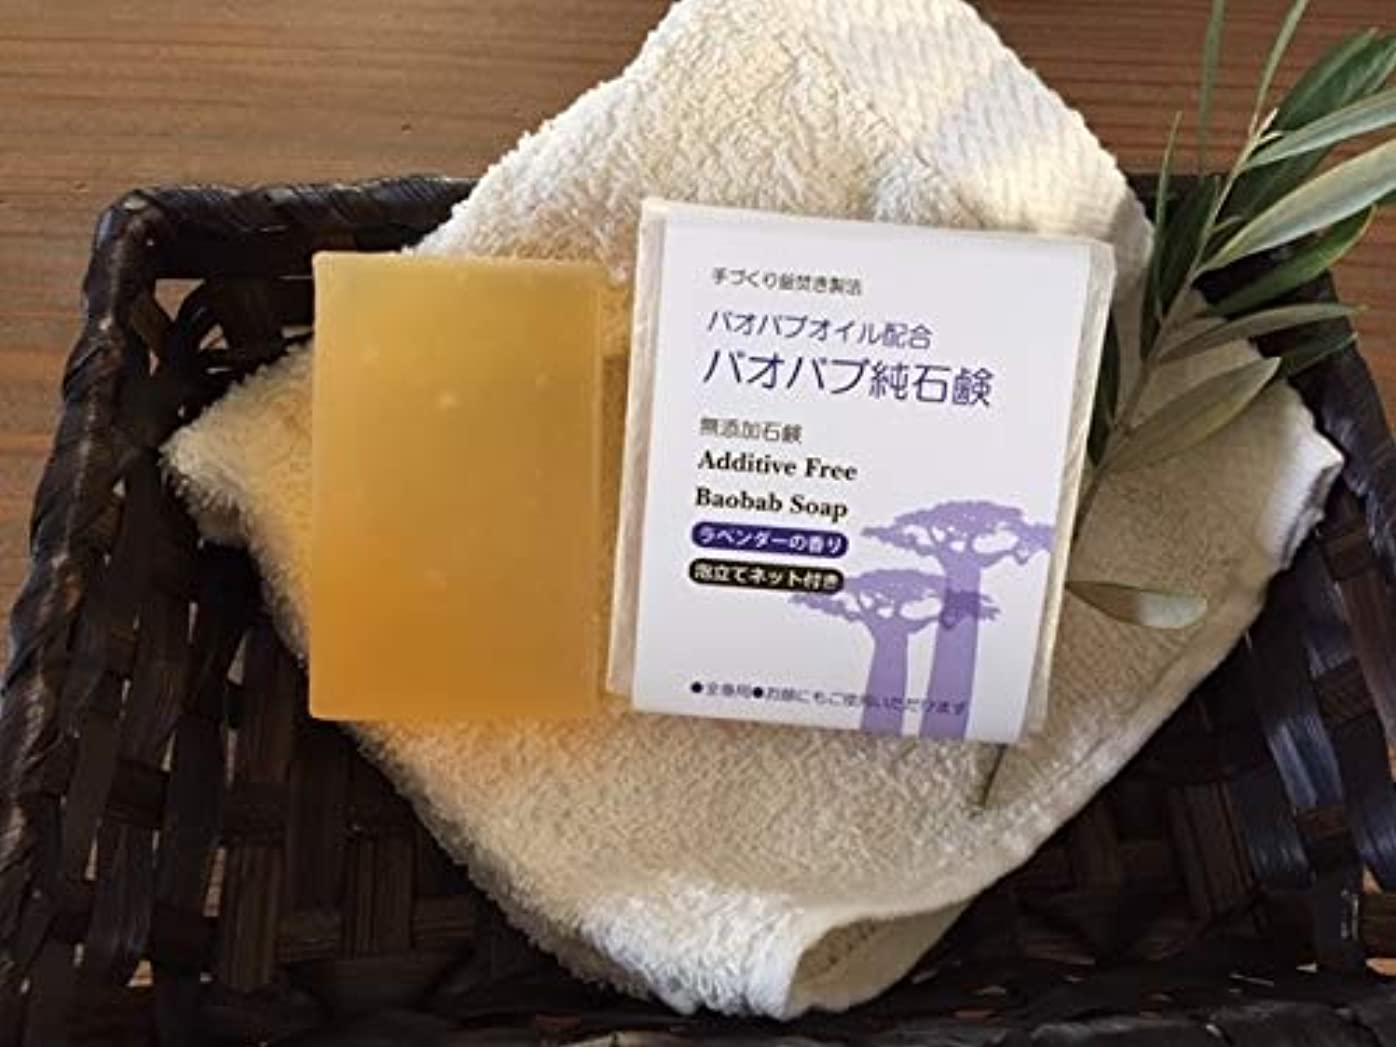 手づくり釜焚き石鹸 バオバブ純石鹸 ラベンダーの香り 130g バス用ジャンボサイズ『ゴールド 未精製 バオバブオイル配合』 有機栽培のバオバブオイルをたっぷり配合しました